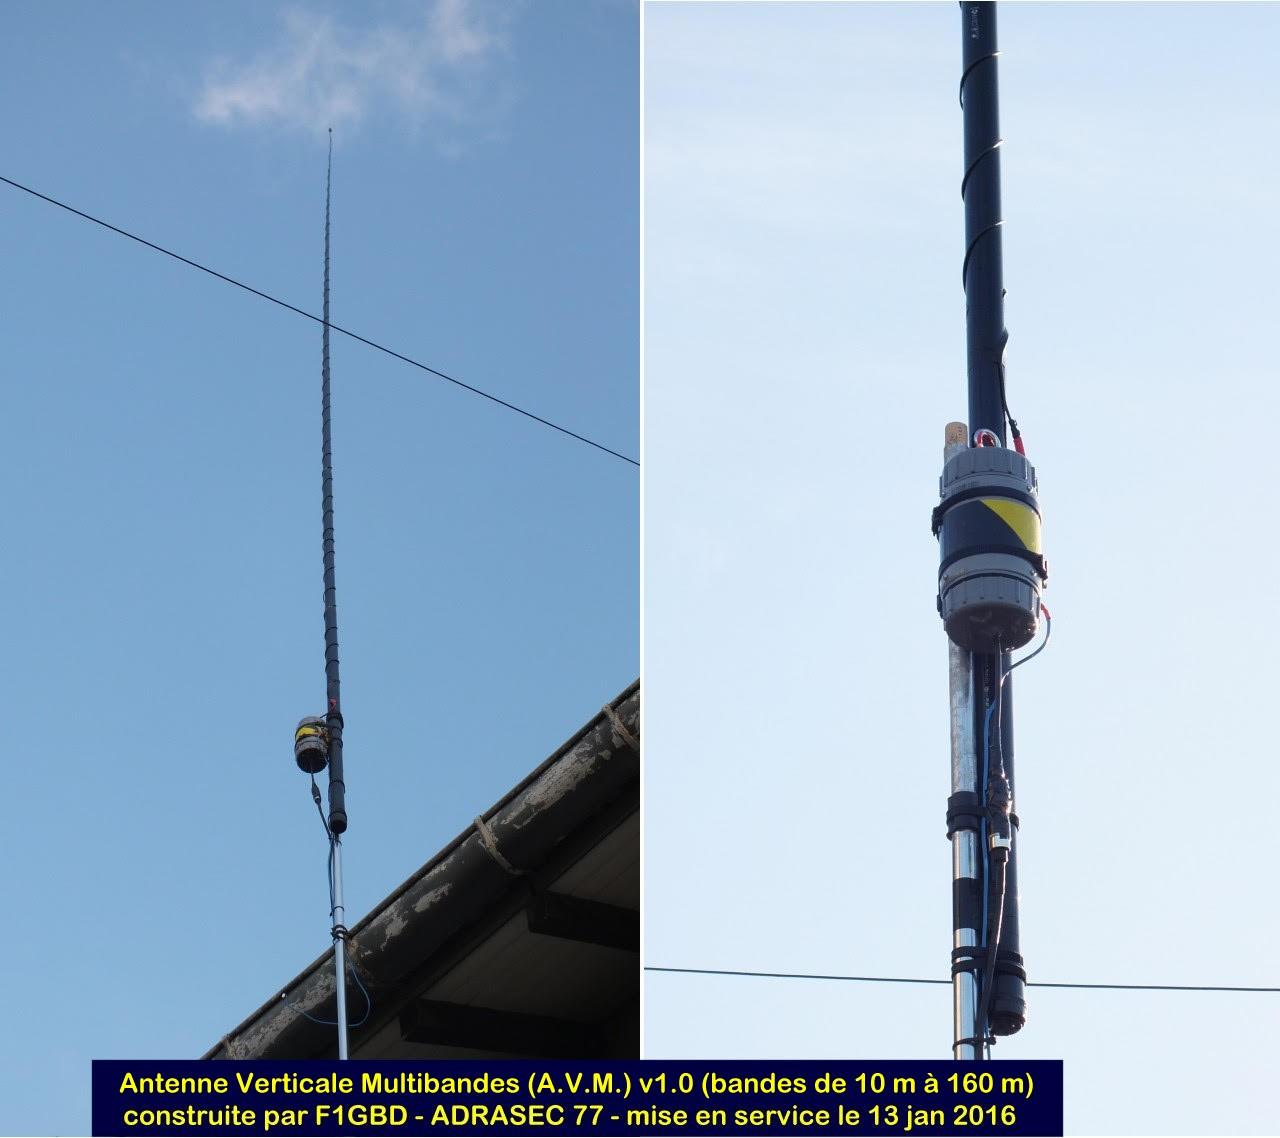 l'Antenne Verticale Multibandes